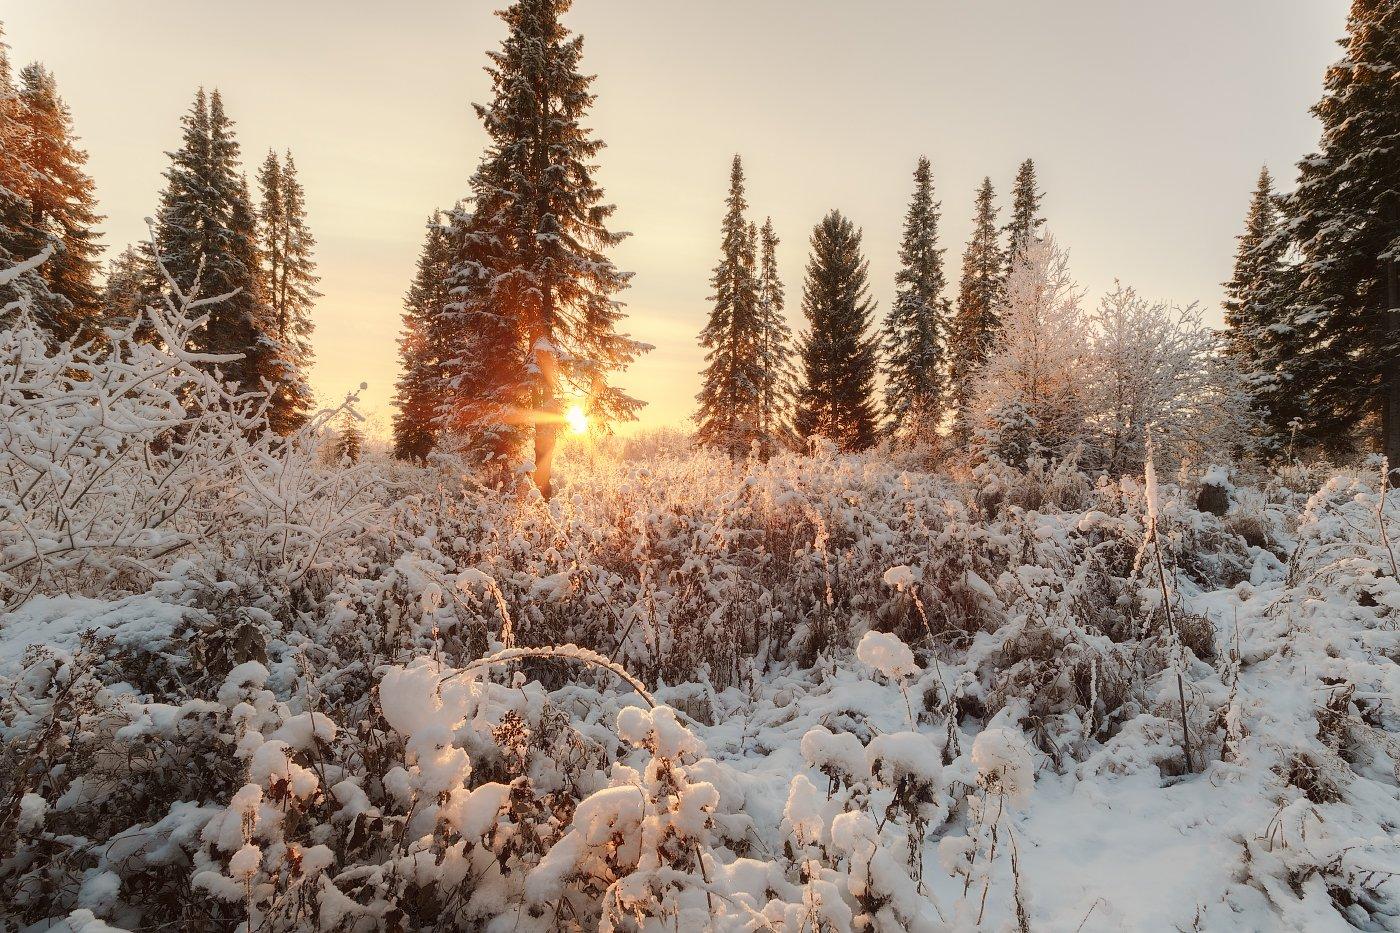 печора,коми,север,ноябрь,снег, Игорь Подобаев